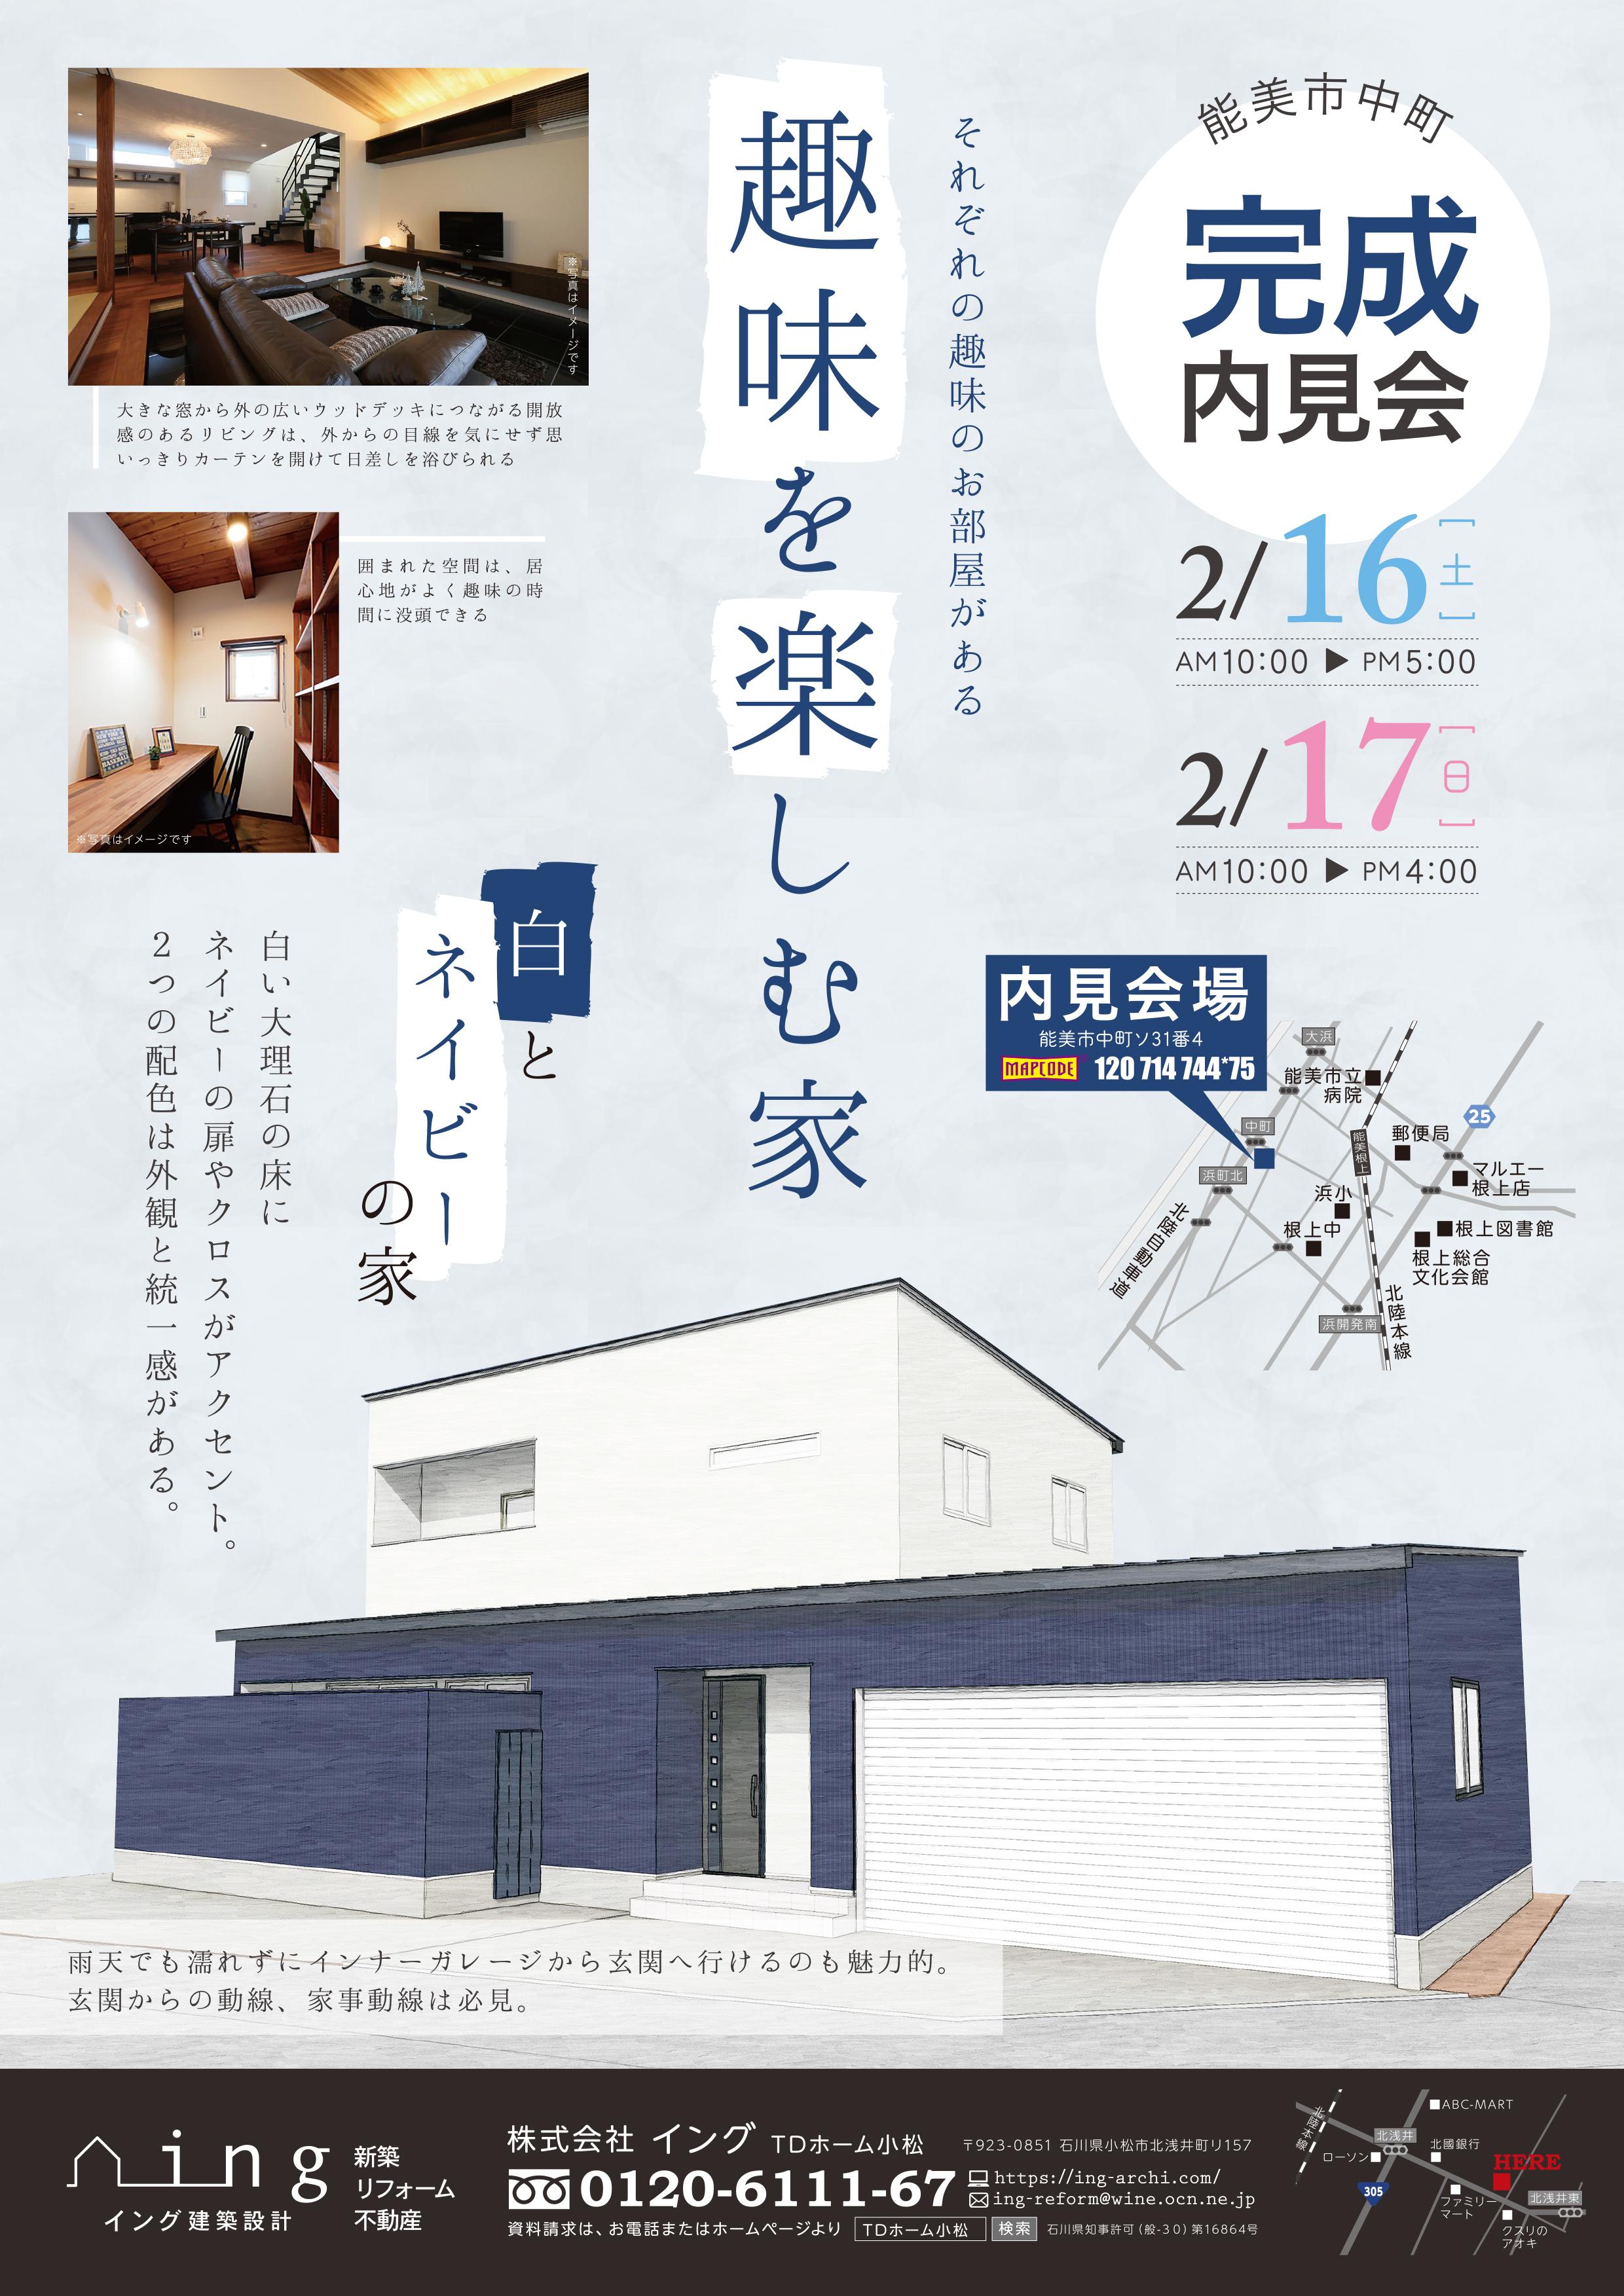 【完全予約制】2/16(土)~2/17(日) 完成見学会を開催します(株式会社イング)